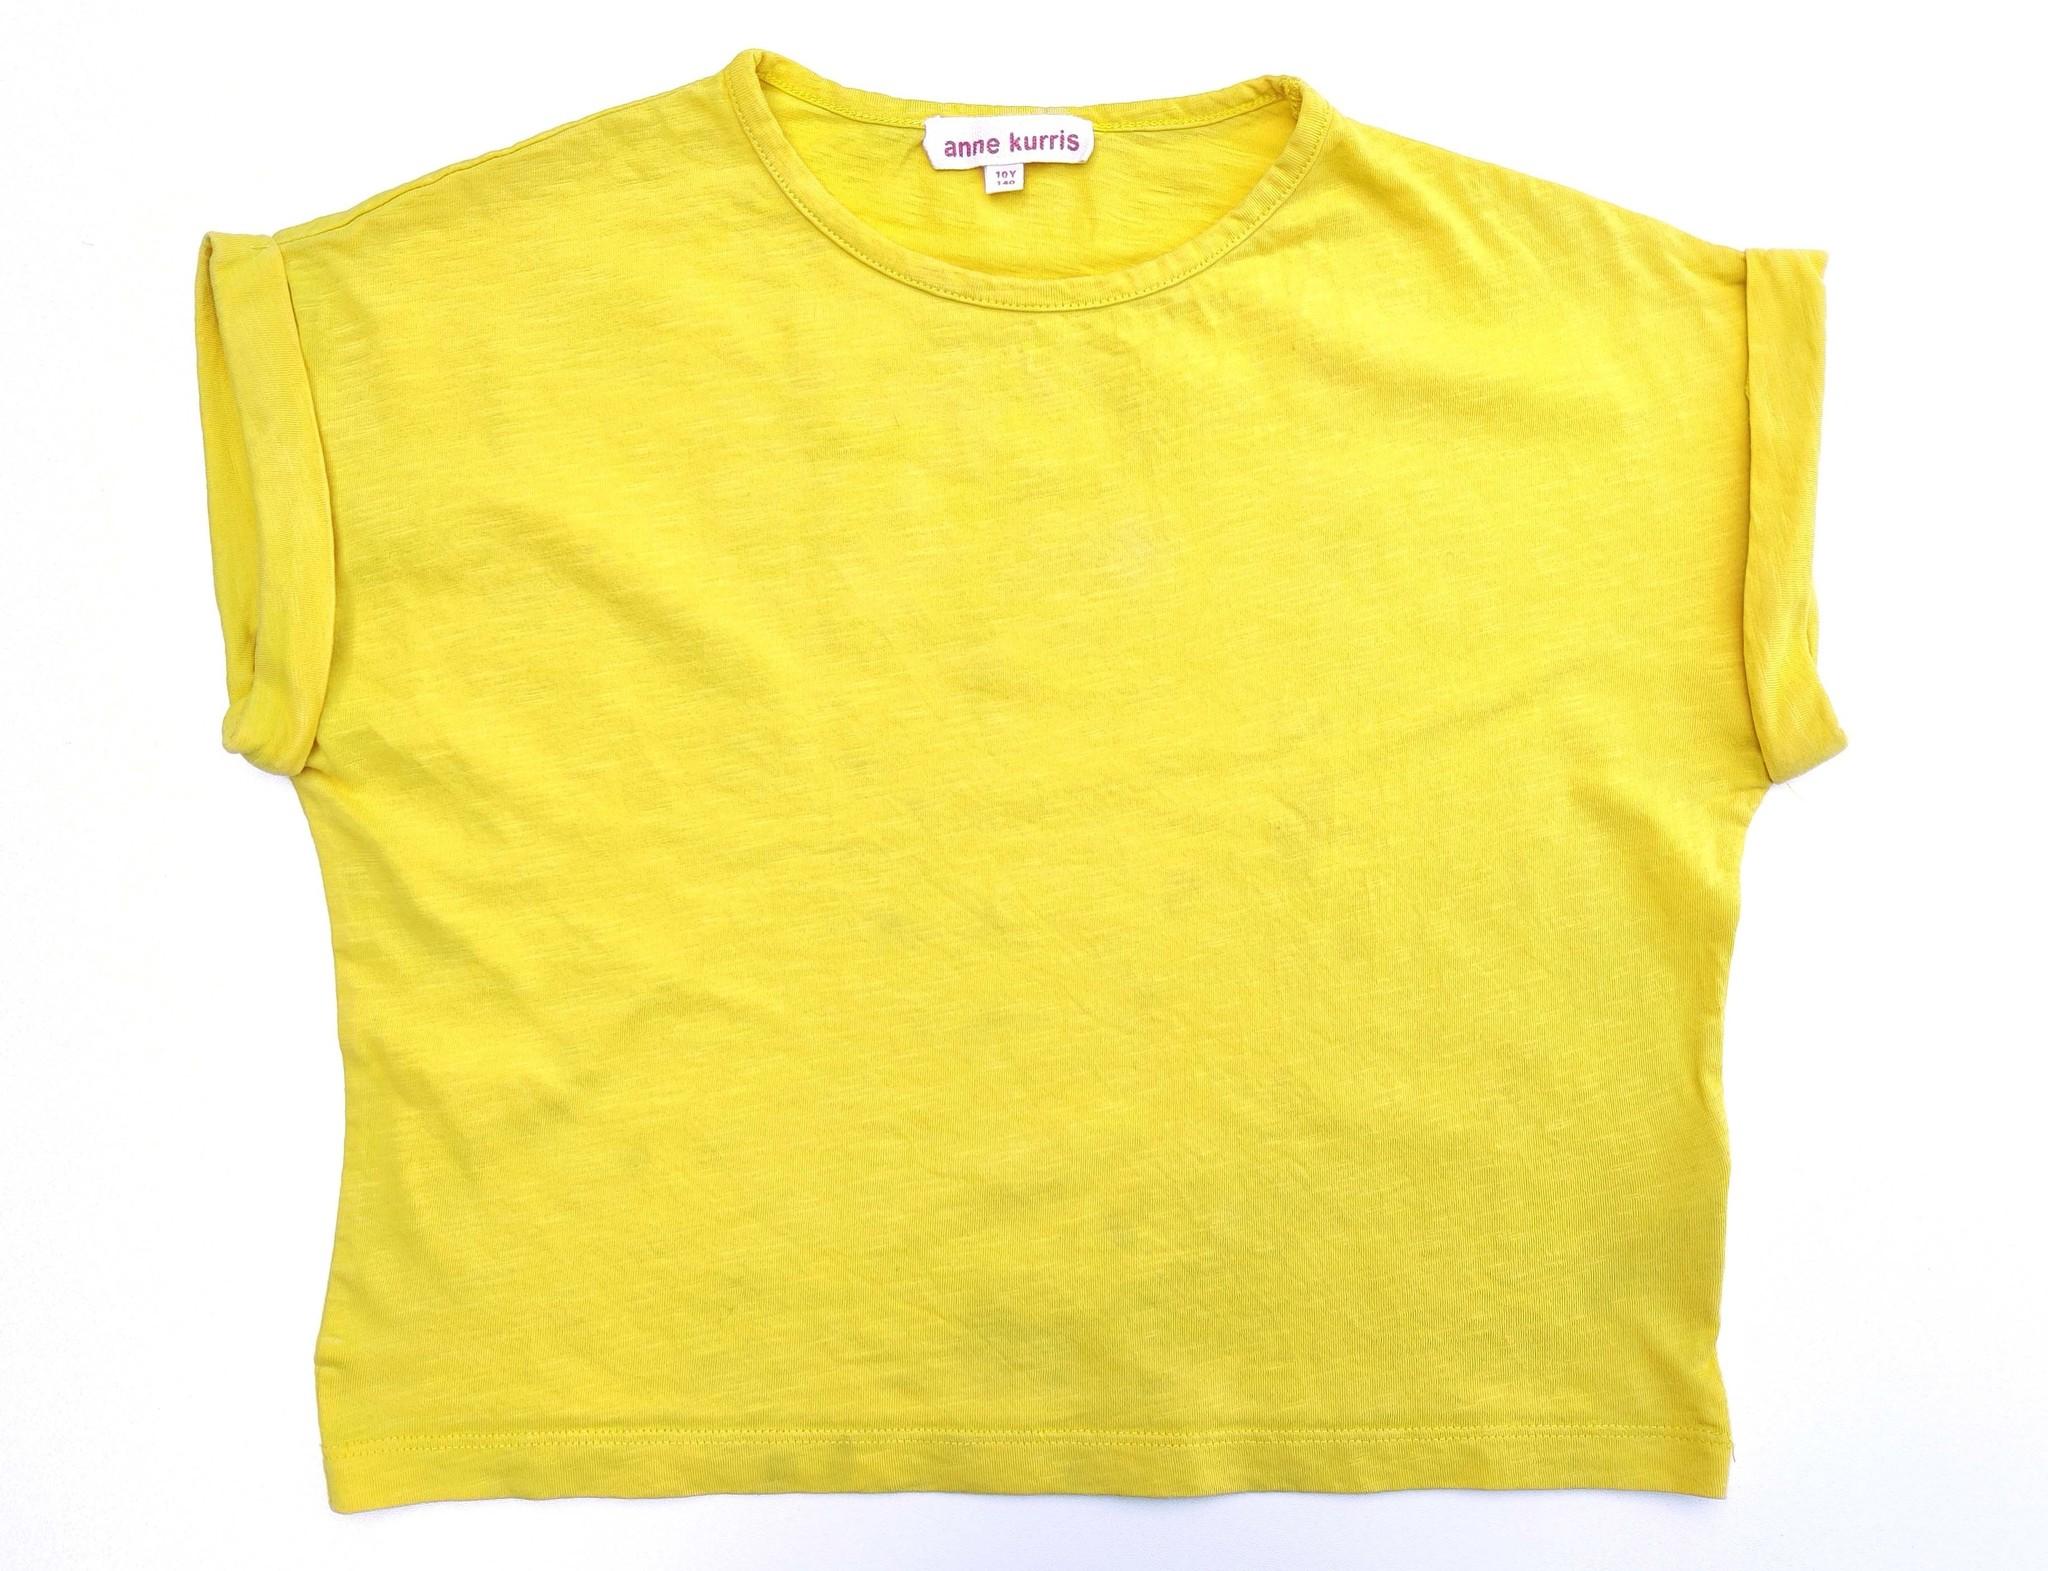 T-shirt Anne Kurris-1